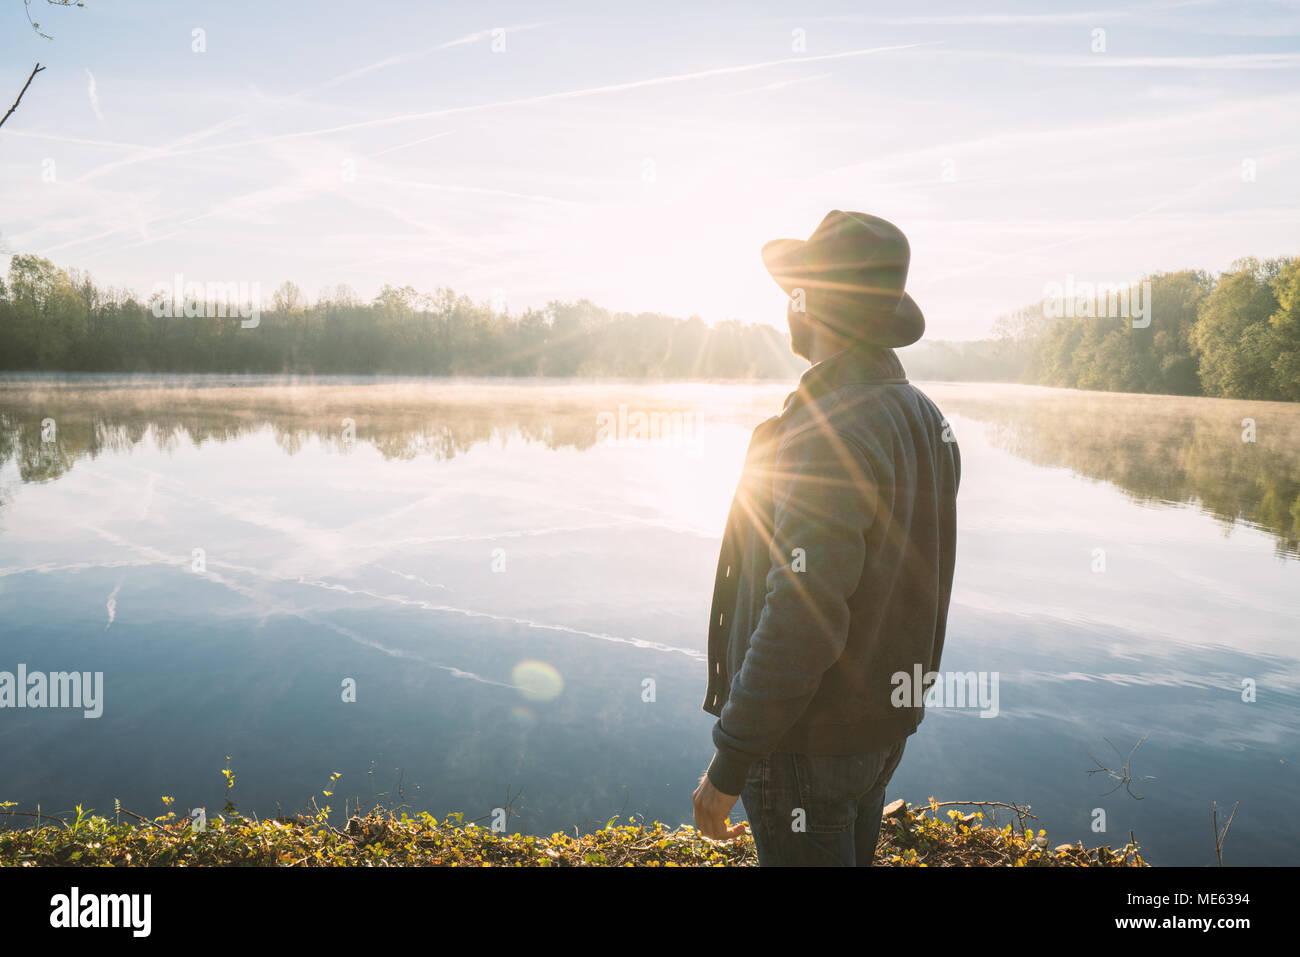 Joven contemplando la naturaleza por el lago al amanecer, primavera, Francia, Europa. Las personas viajan relajación en concepto de naturaleza. Imagen de tonos Imagen De Stock